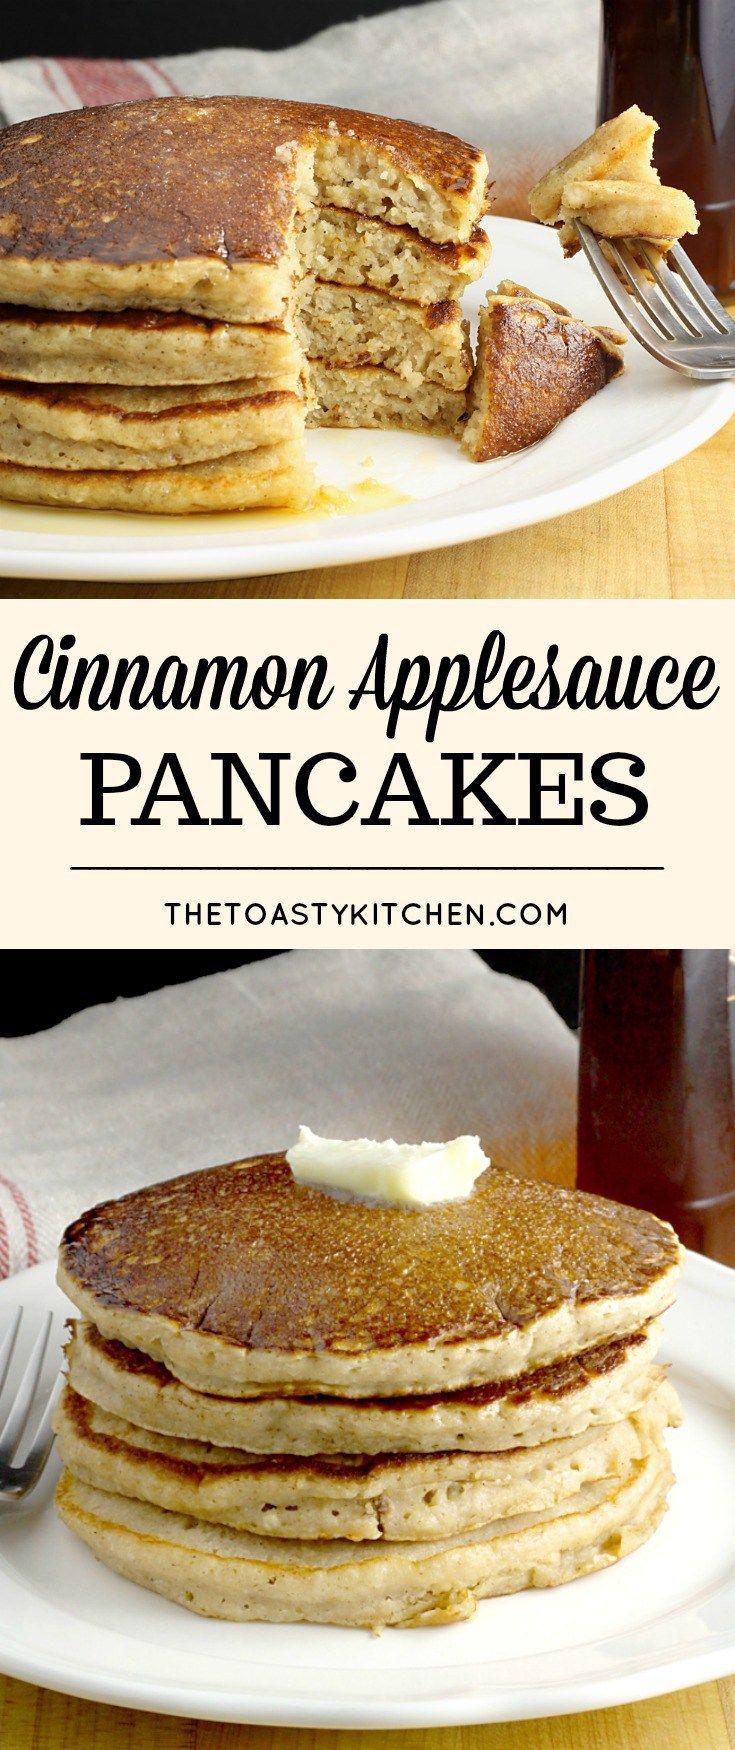 Cinnamon Applesauce Pancakes by The Toasty Kitchen